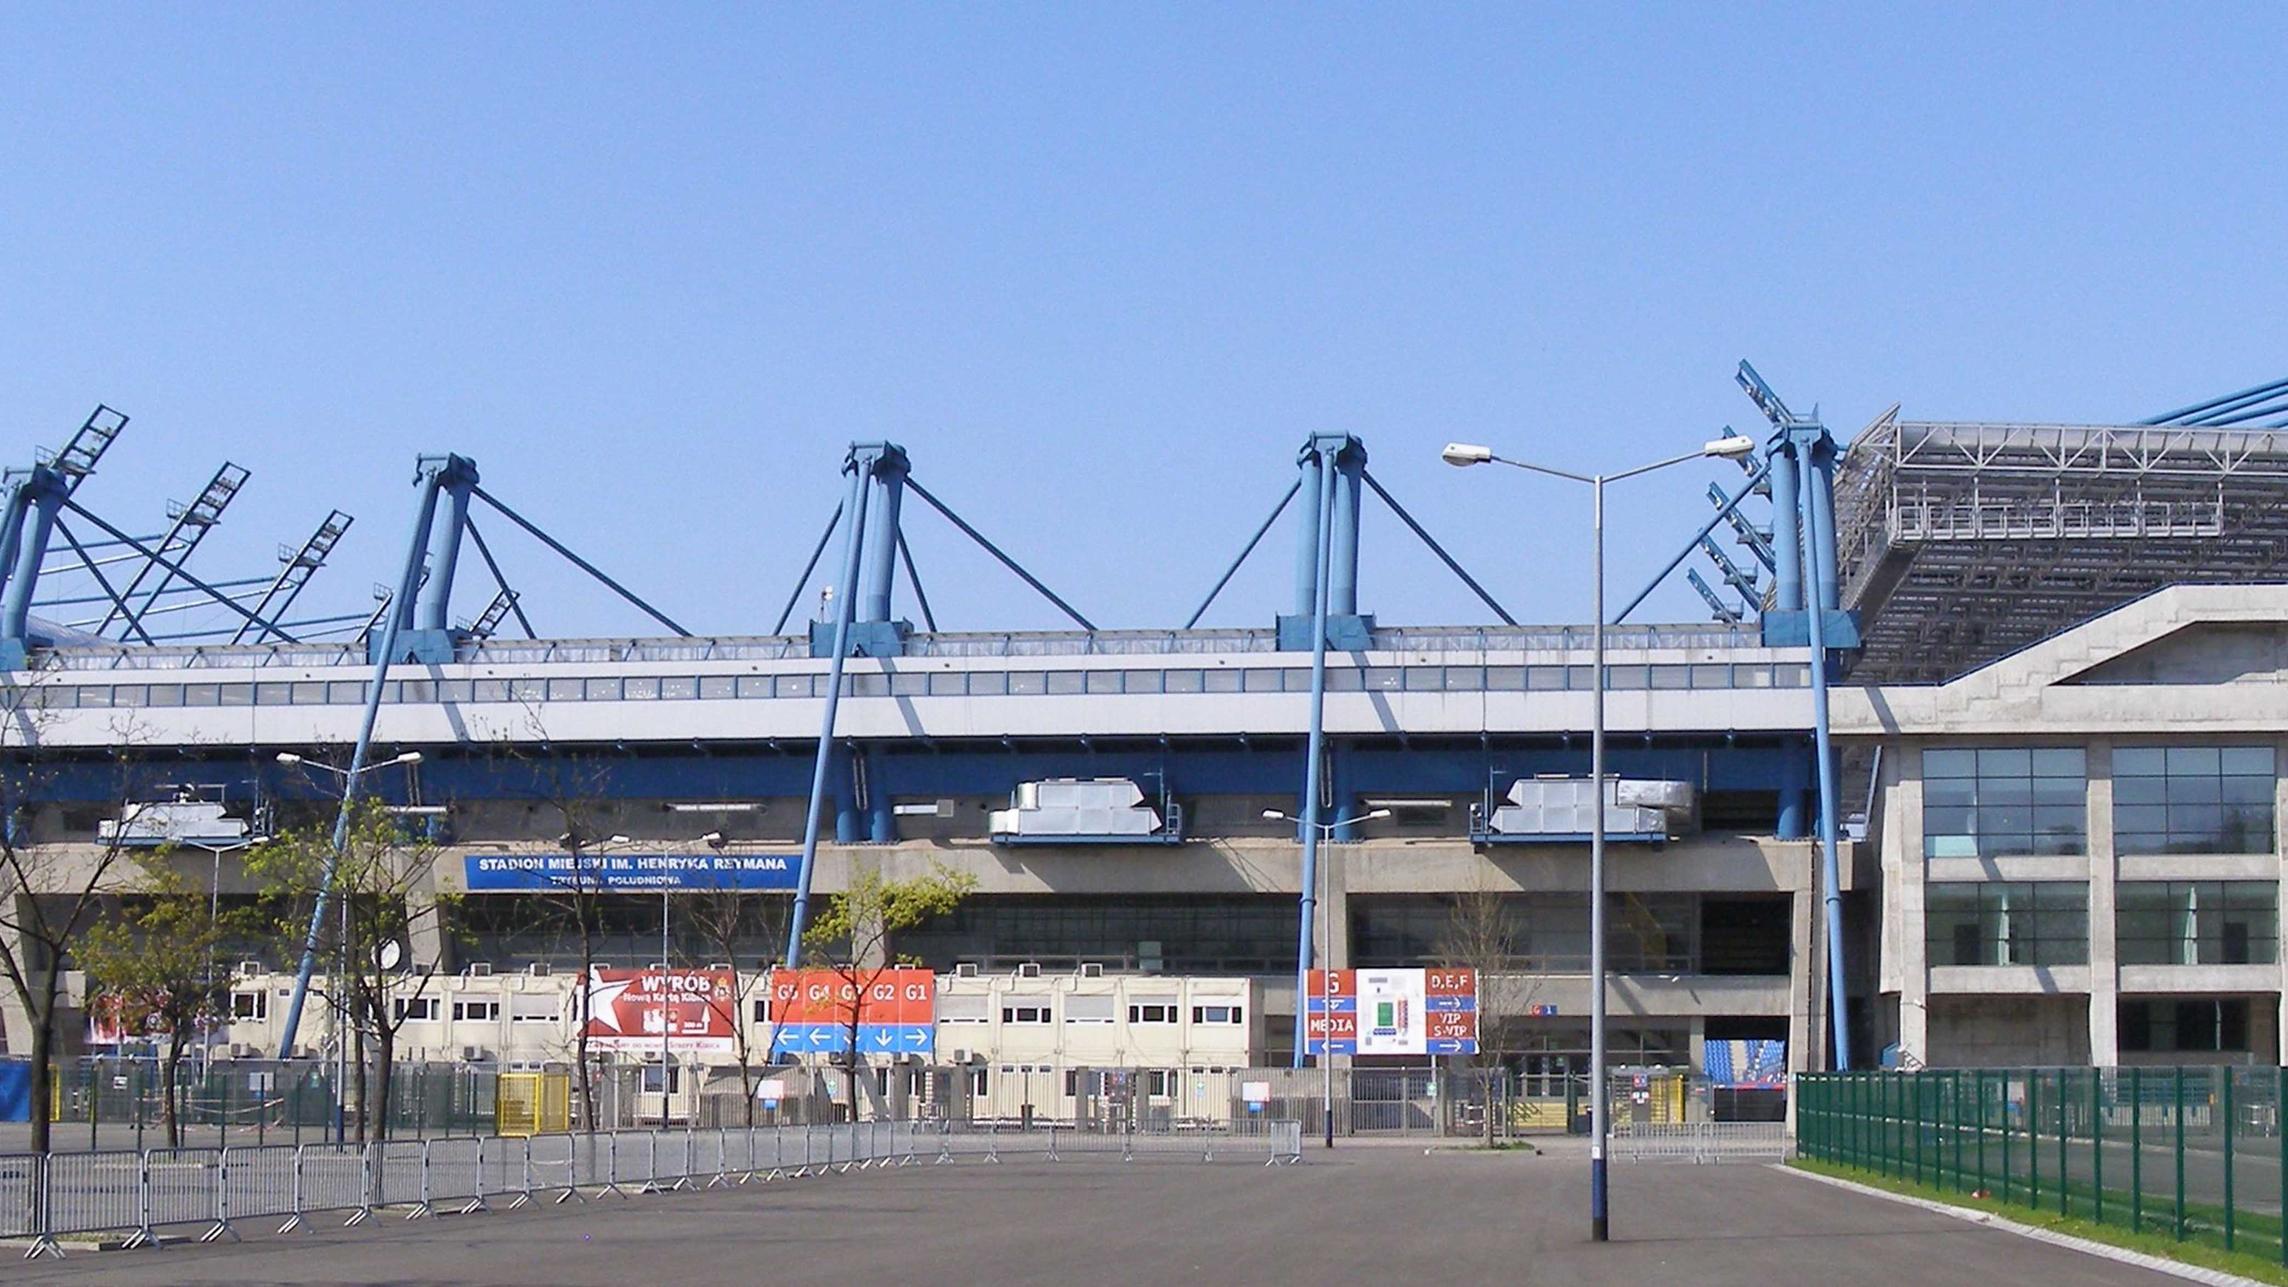 Stadion_Wisly_Kraków-1